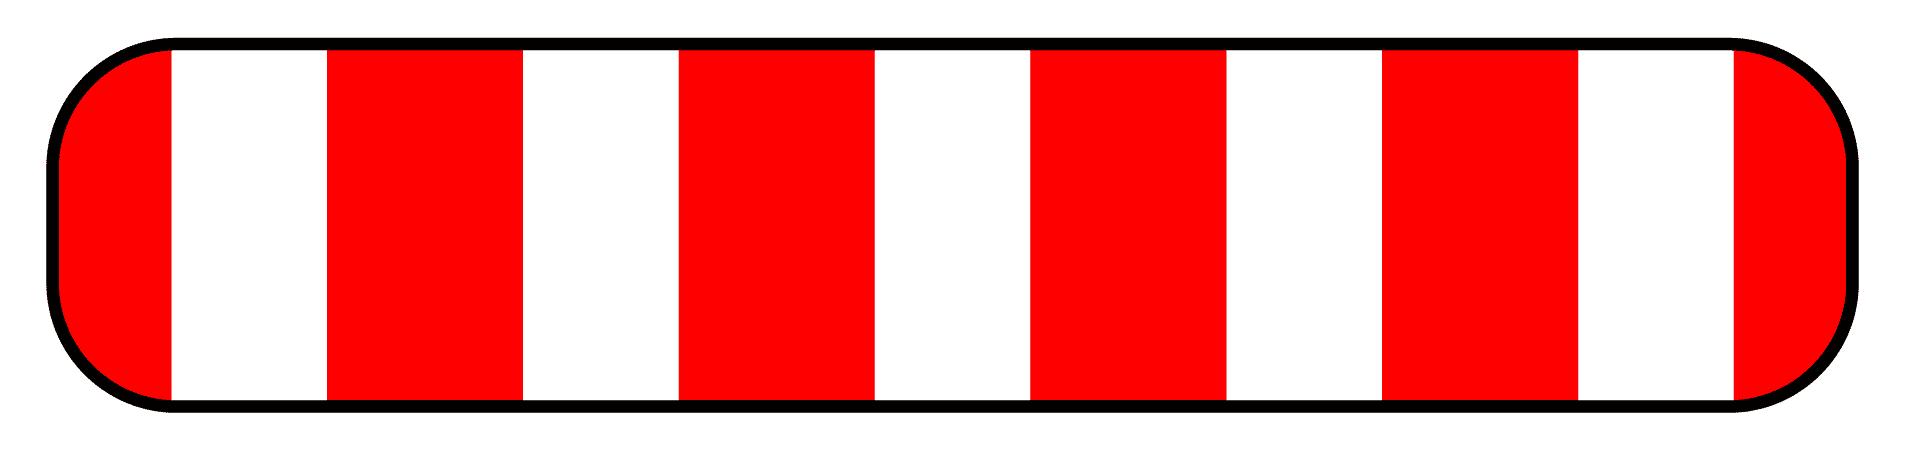 Verkehrszeichen 600